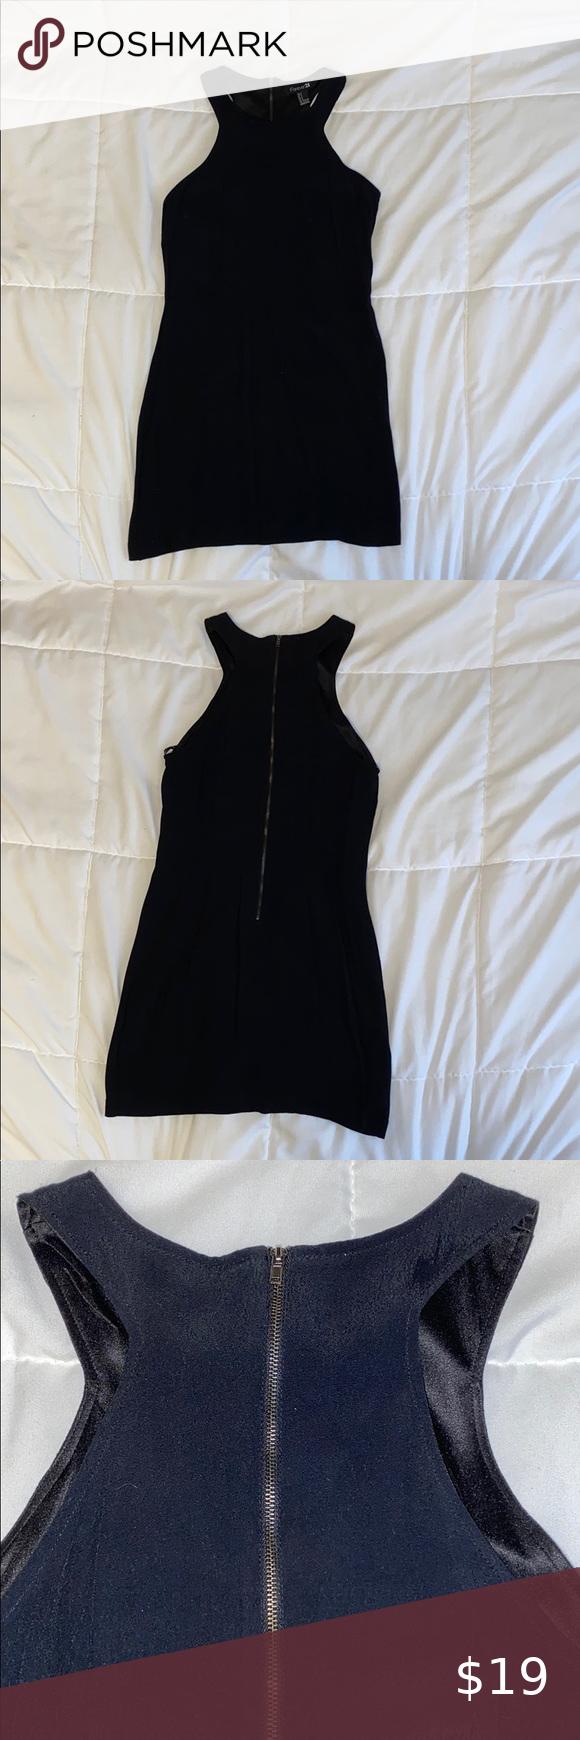 Black Dress Black Dress Dress Zipper Black Sleeveless Dress [ 1740 x 580 Pixel ]